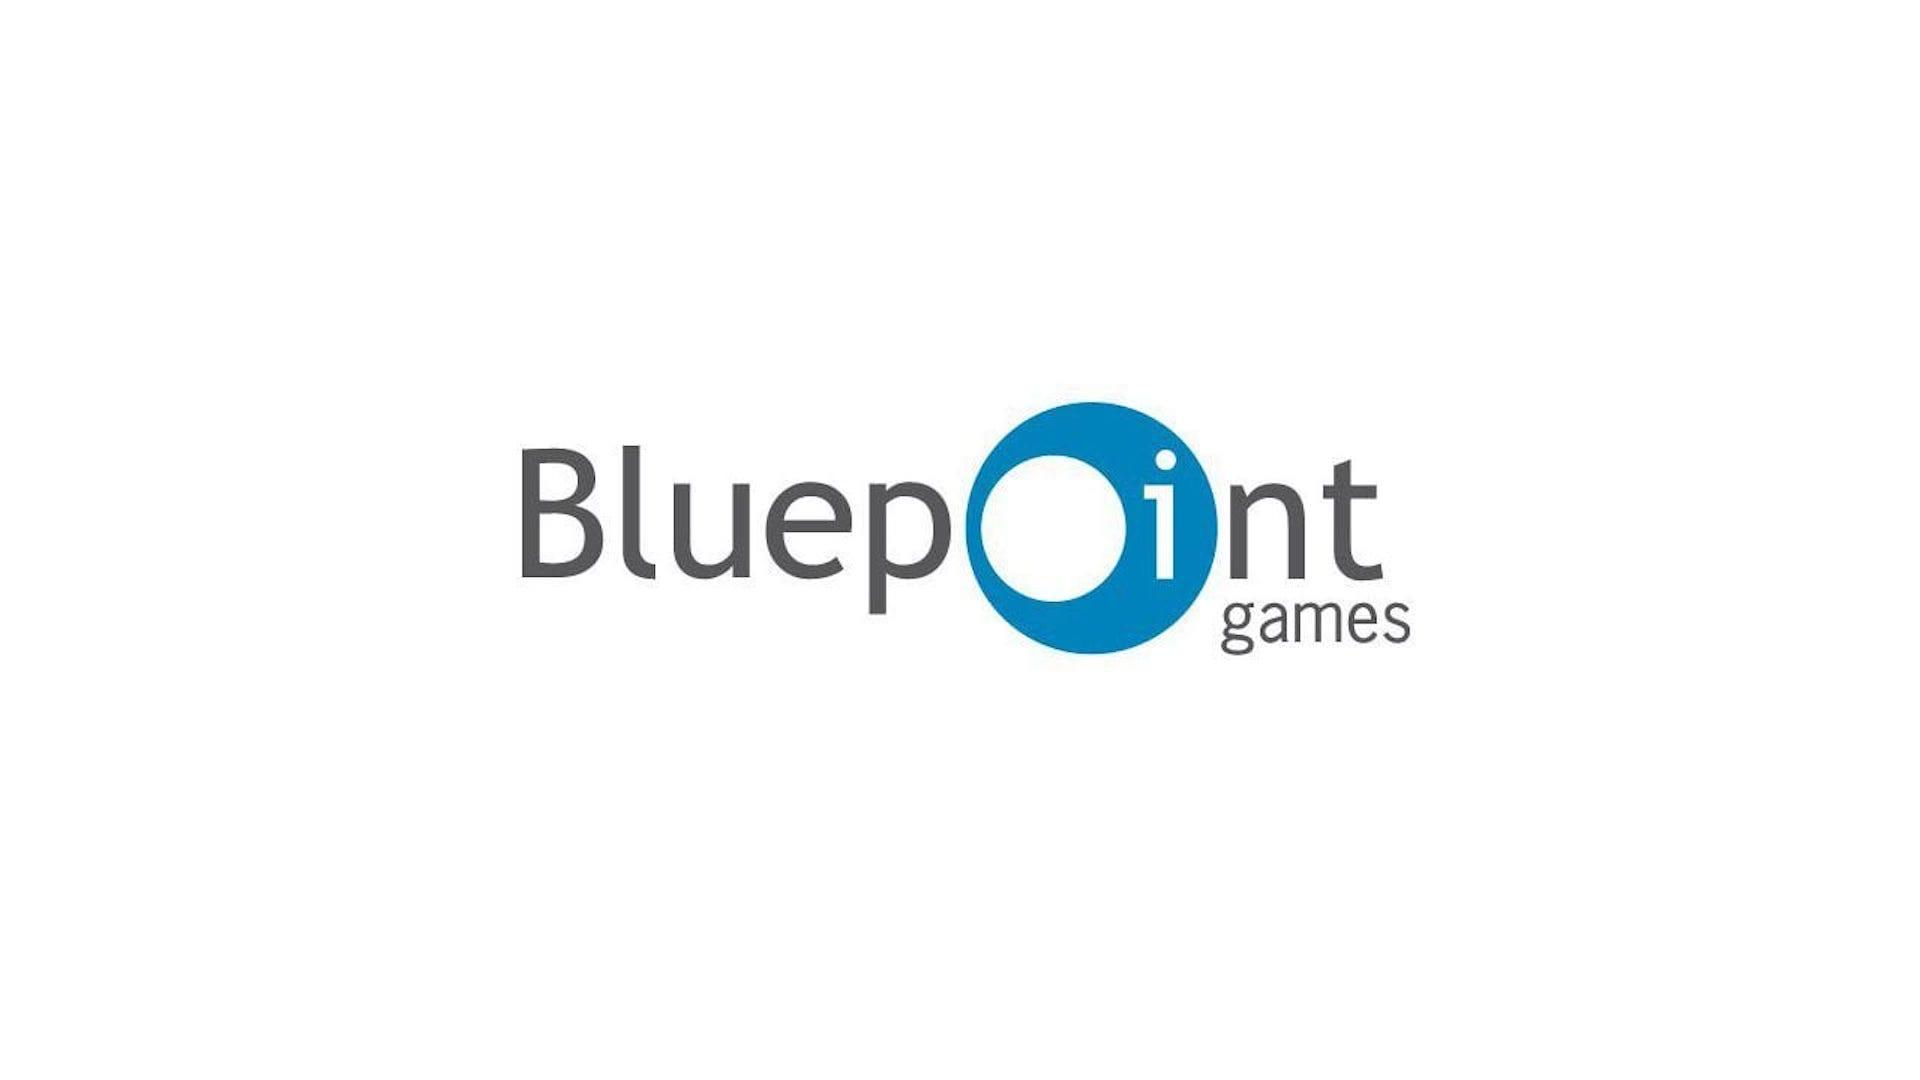 По слухам, Sony обязательно купит Bluepoint Games — это лишь вопрос времени